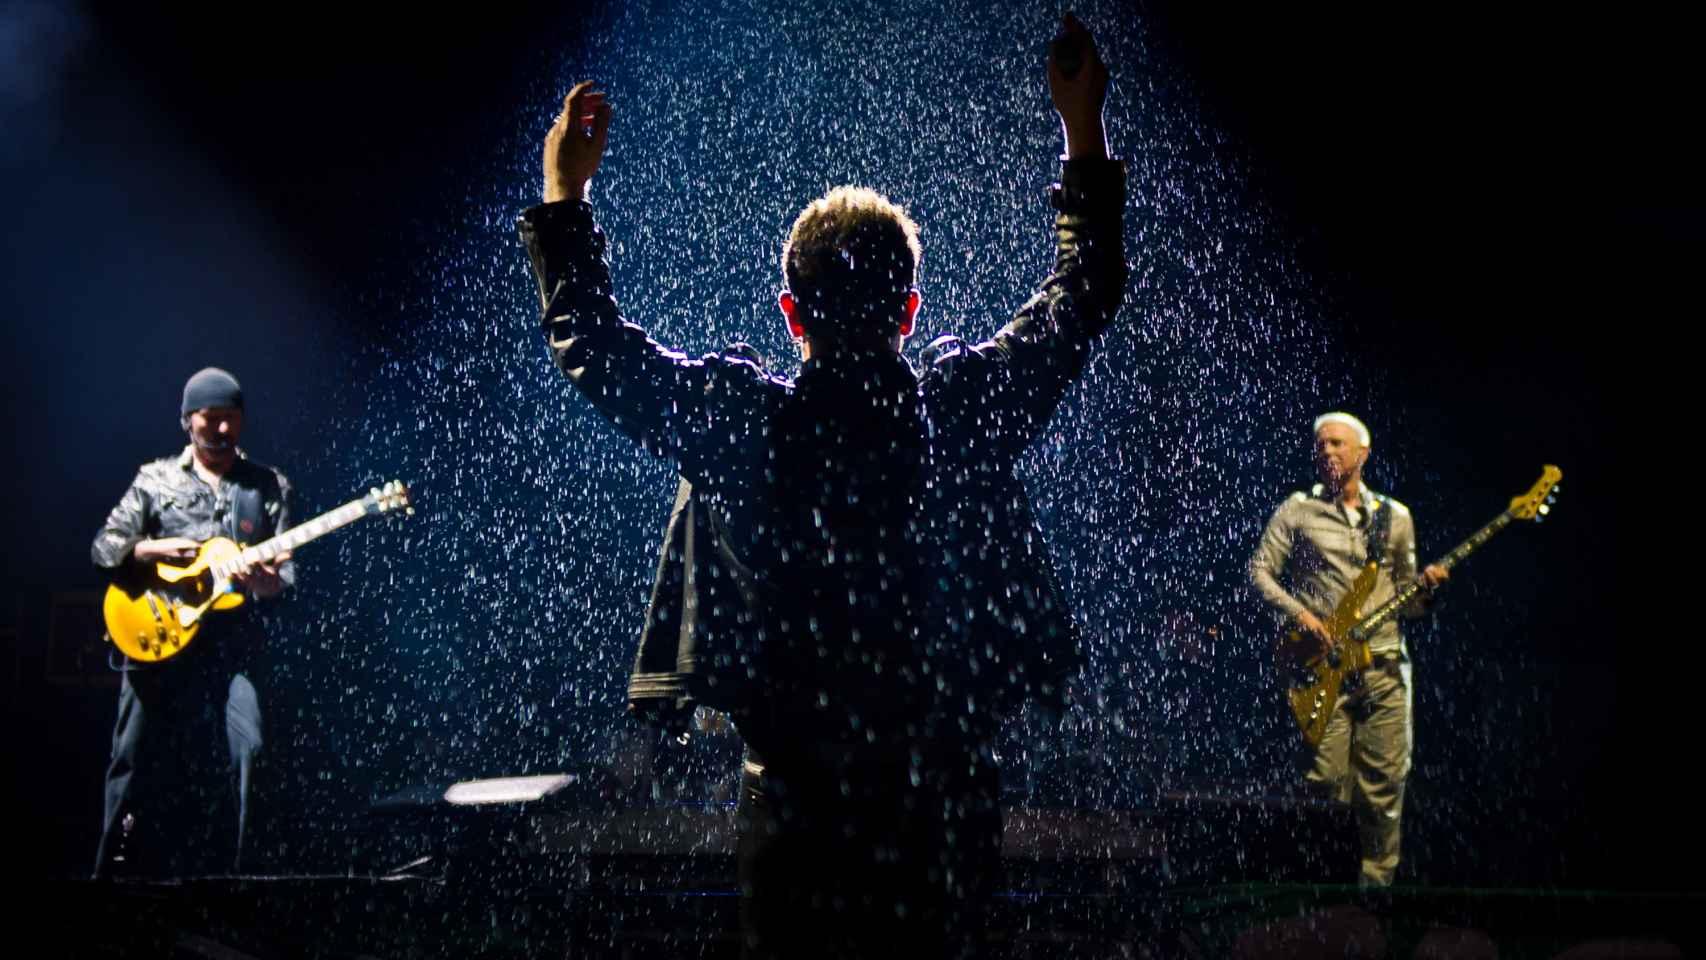 U2, en el Festival de Glanstonbury en 2011